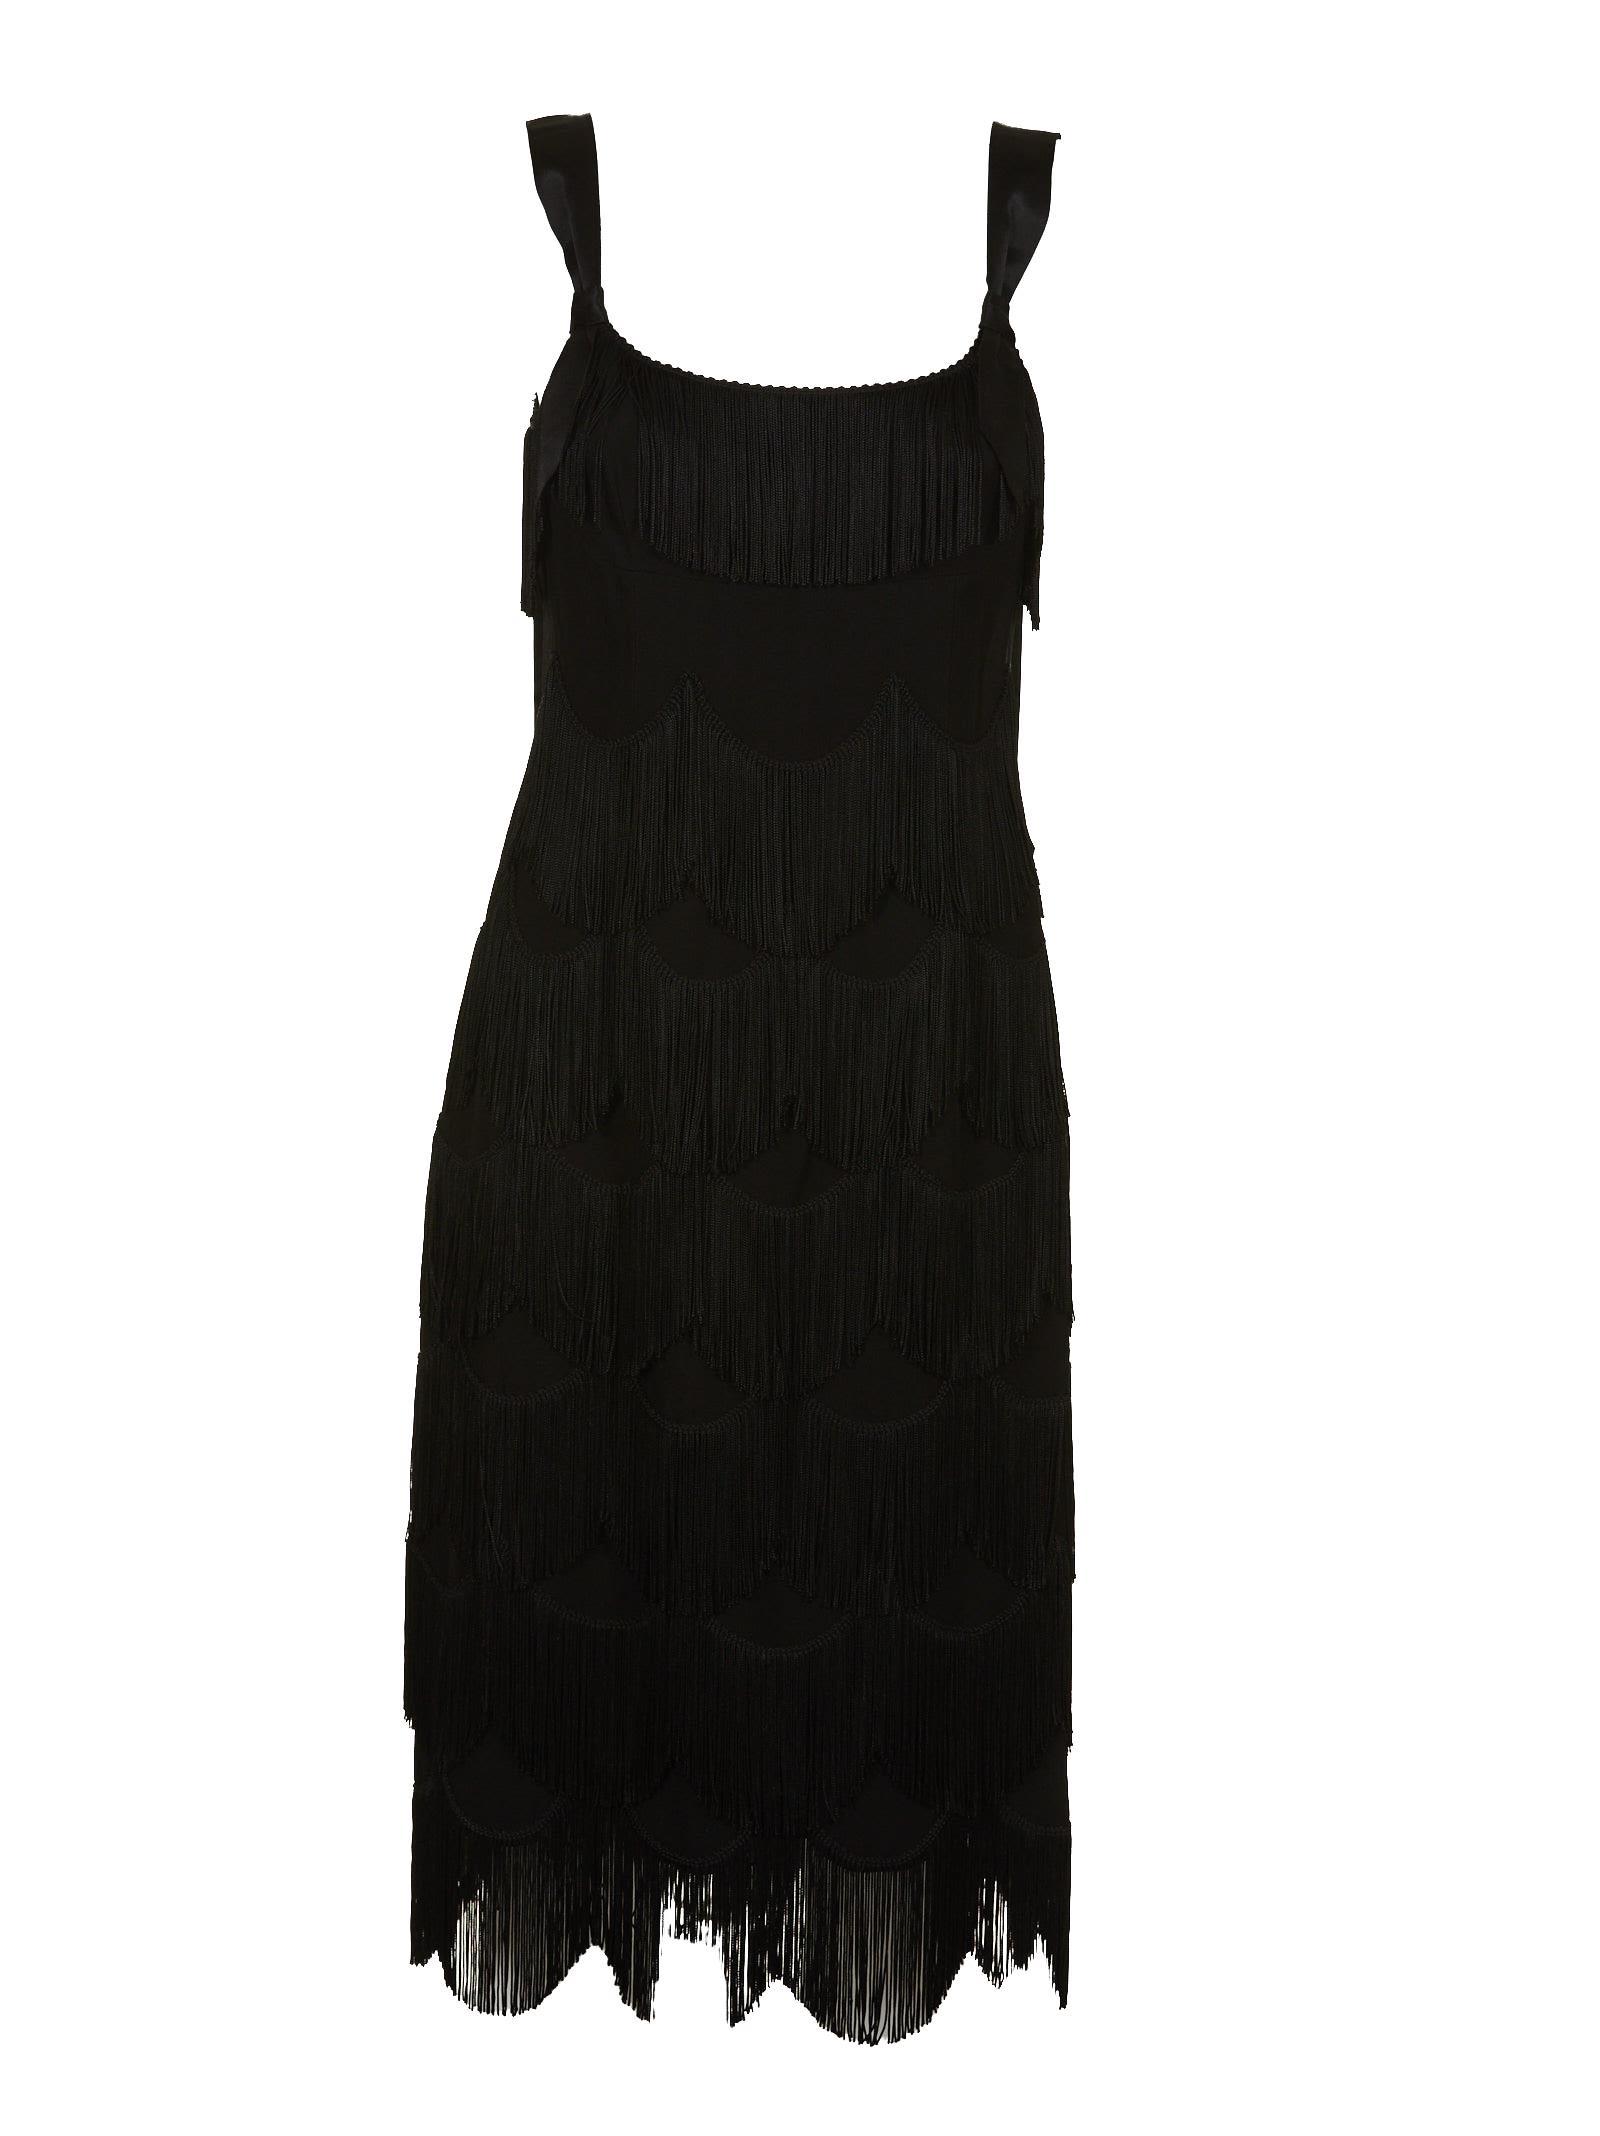 Marc Jacobs Fringe Detail Dress